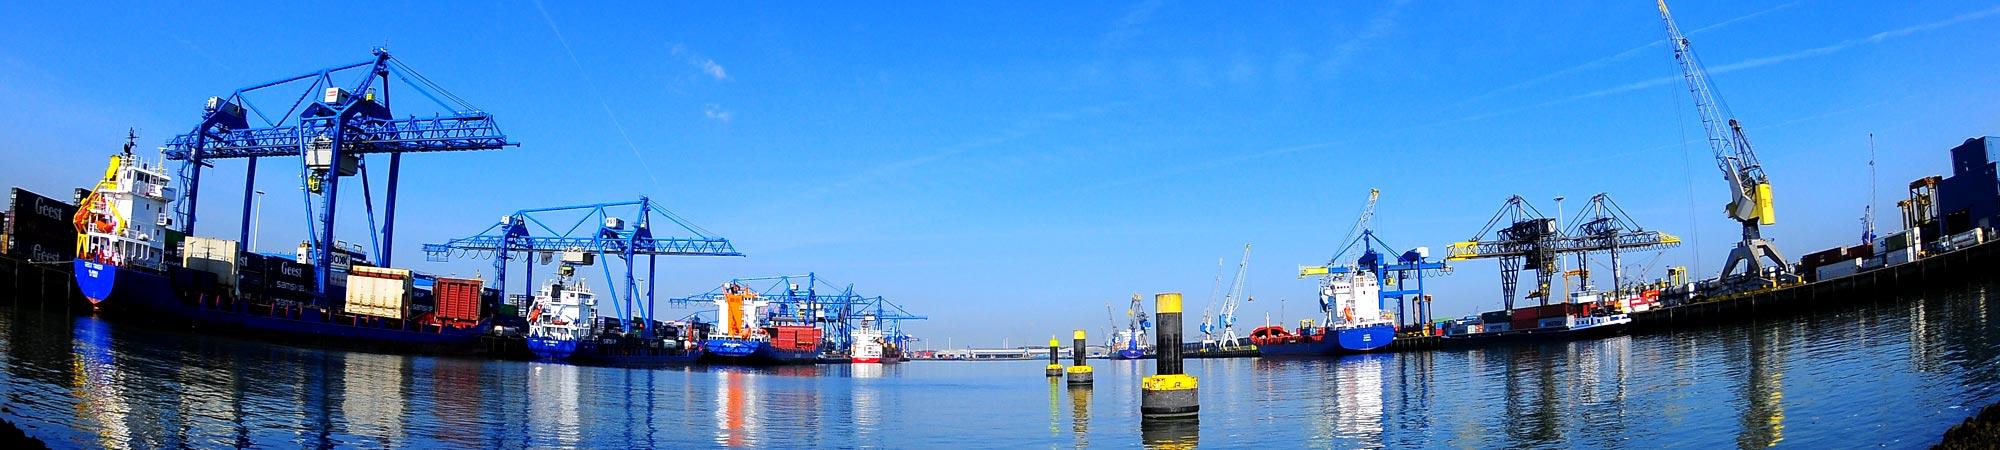 oadingmatch is een extra service die wordt aan geboden door Kriesels Shipbroker BV om lading en/of vaartuigen anoniem bij elkaar te brengen.